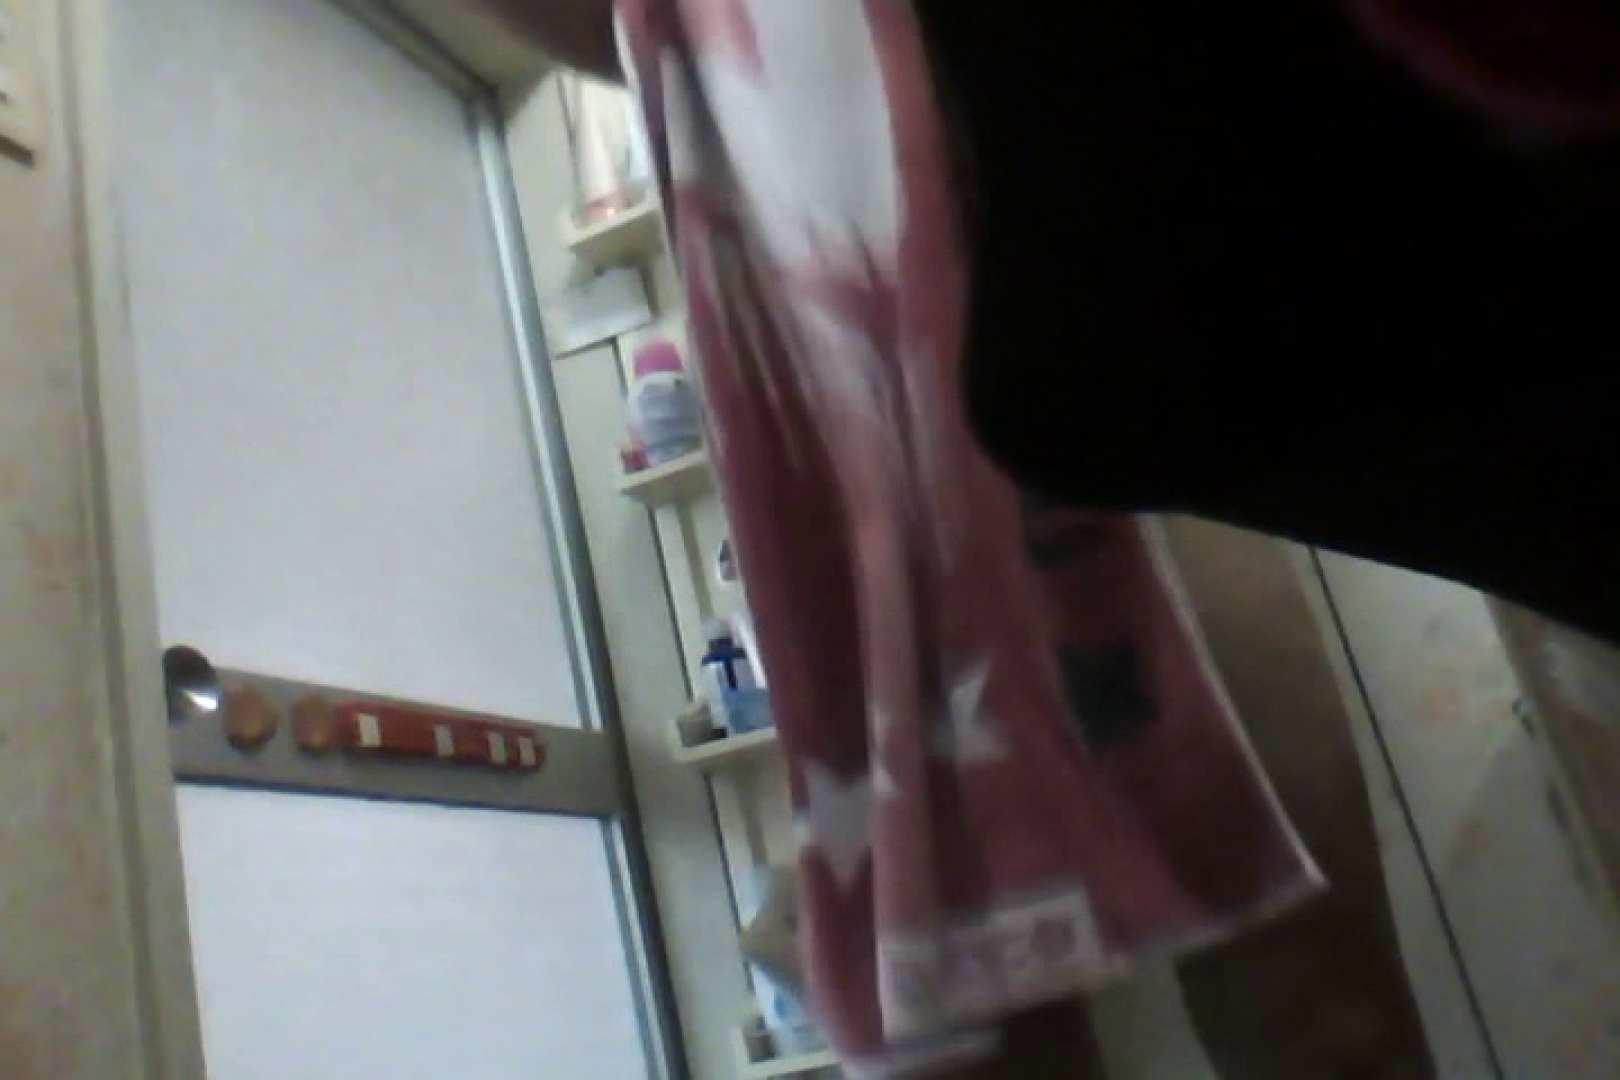 Came back チンピースさん!!vol.19 ノンケ  13画像 8